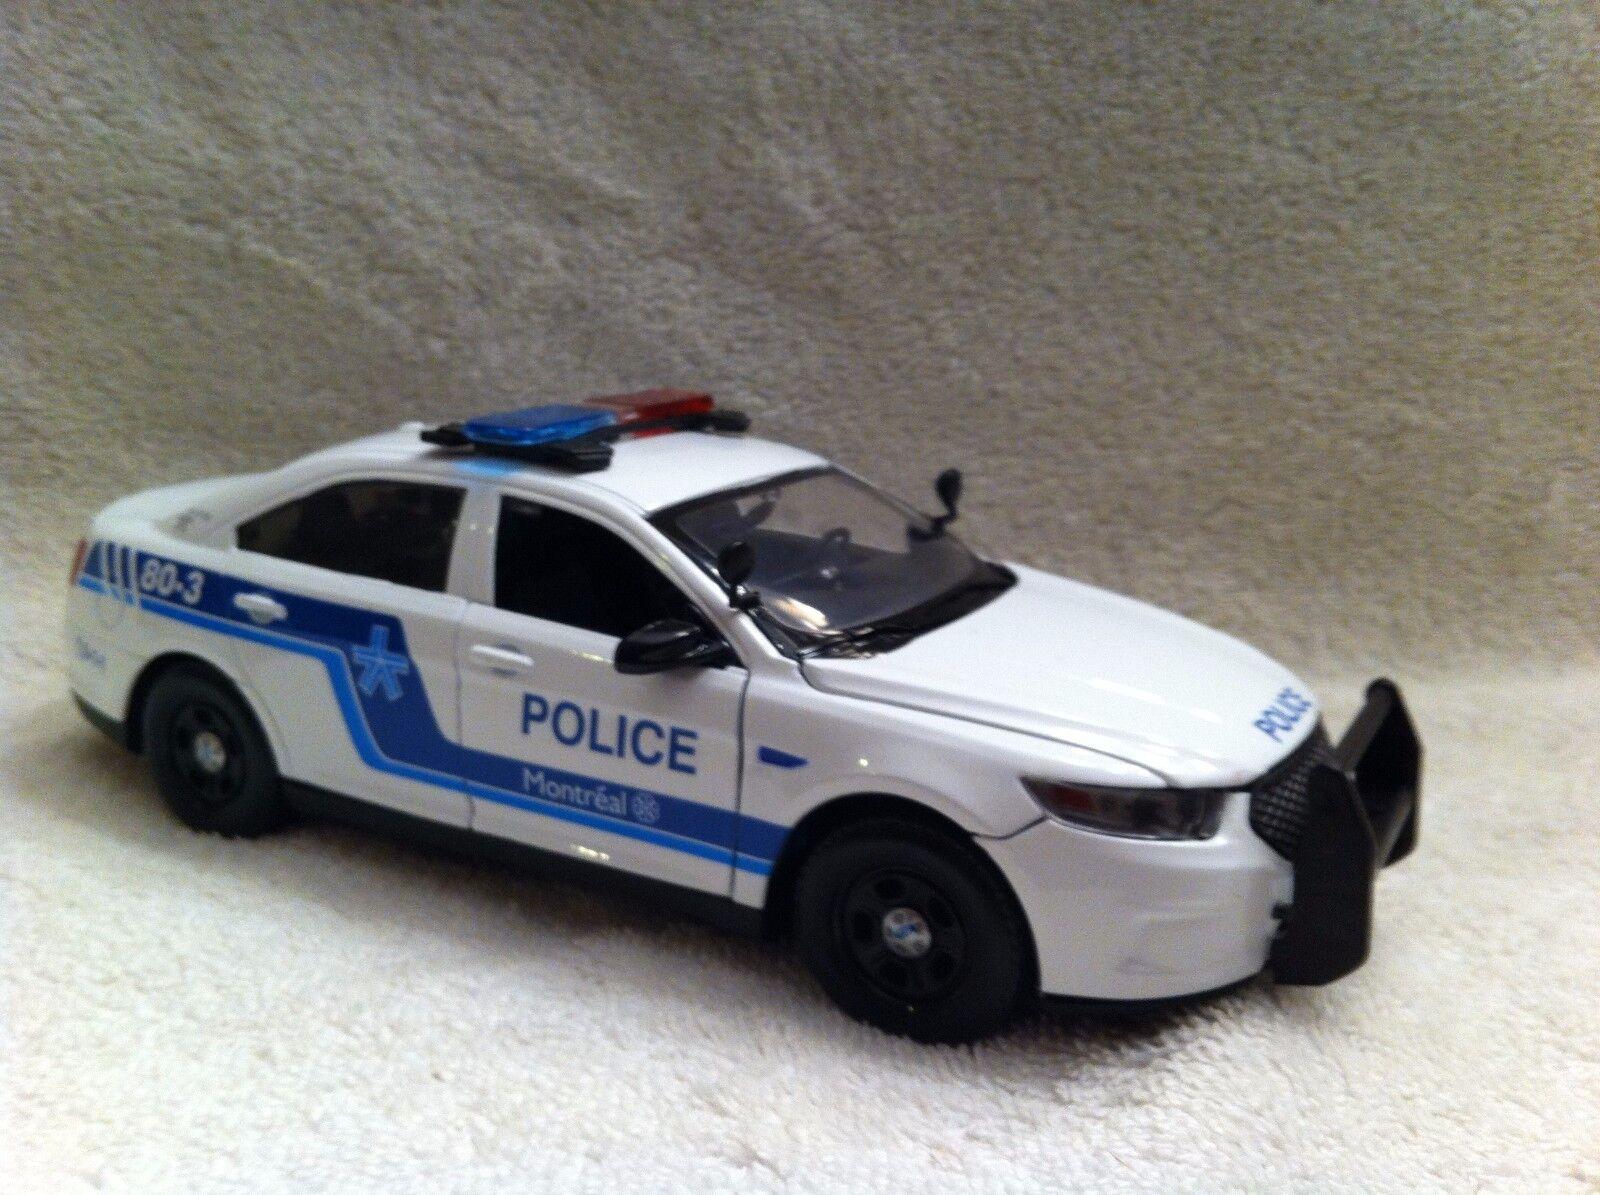 1/24 Escala Modelo Diecast Montreal Canadá de Policía con luces de trabajo/Sirena